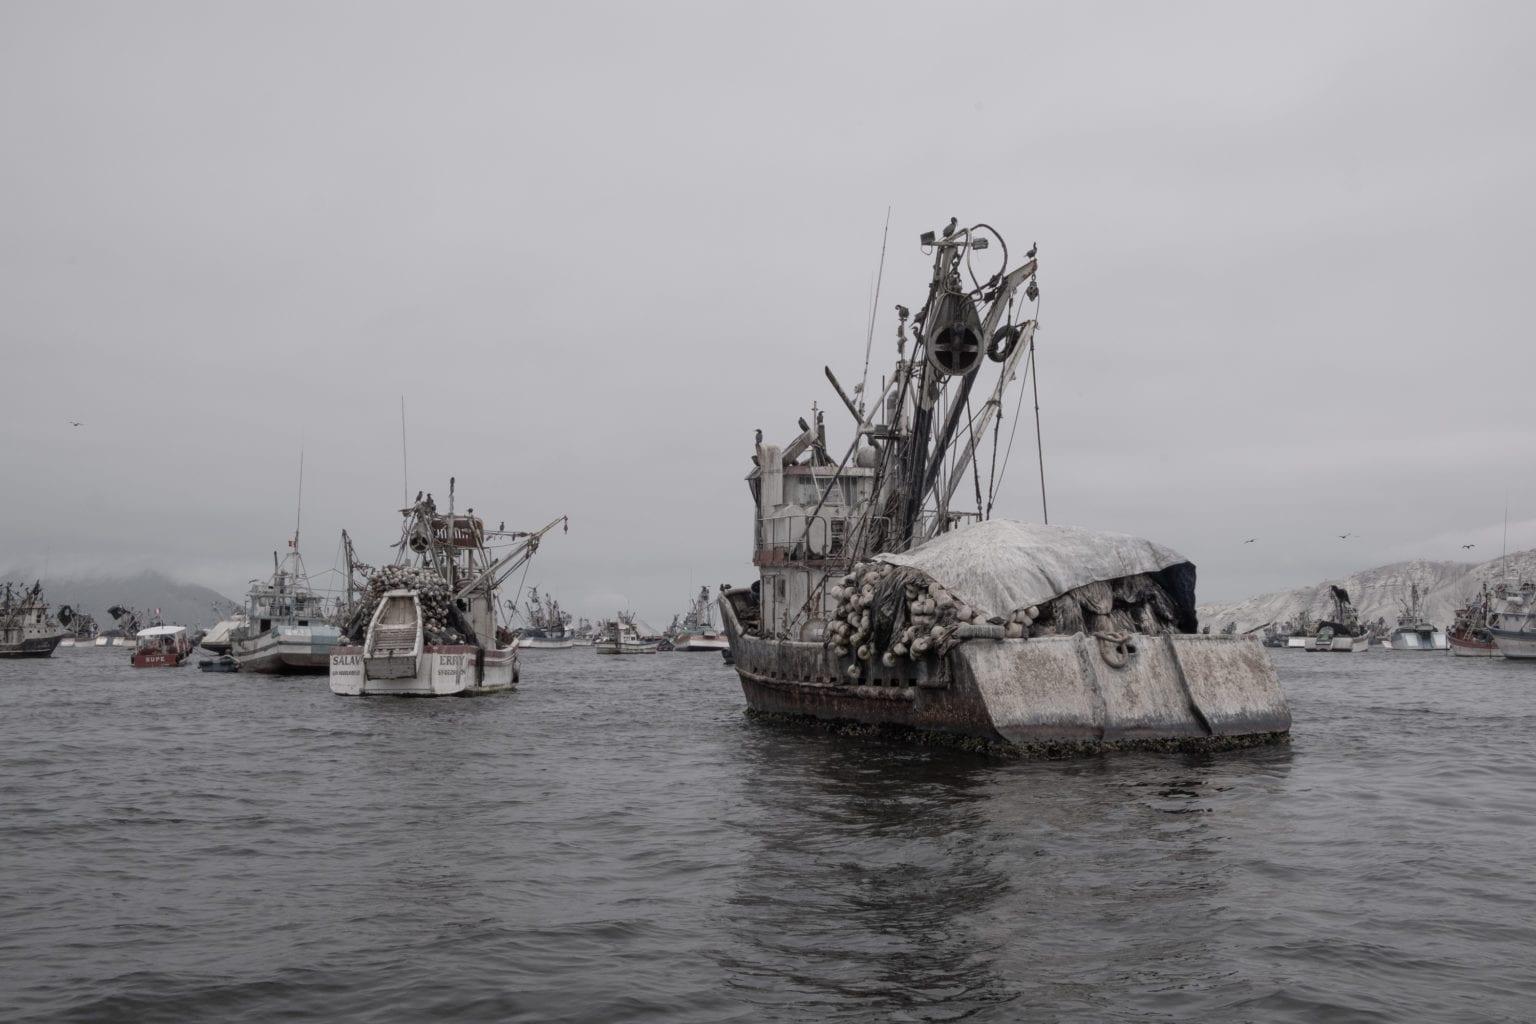 Der er ofte dårlig stemning mellem industrifiskerne, som primært fisker ansjoser til fiskemelsfabrikkerne, og de lokale fiskere, der fanger fisk til de lokale markeder. Bådene her er industrifiskere, der er tilknyttet fiskemelsfabrikken TASAs flåde.